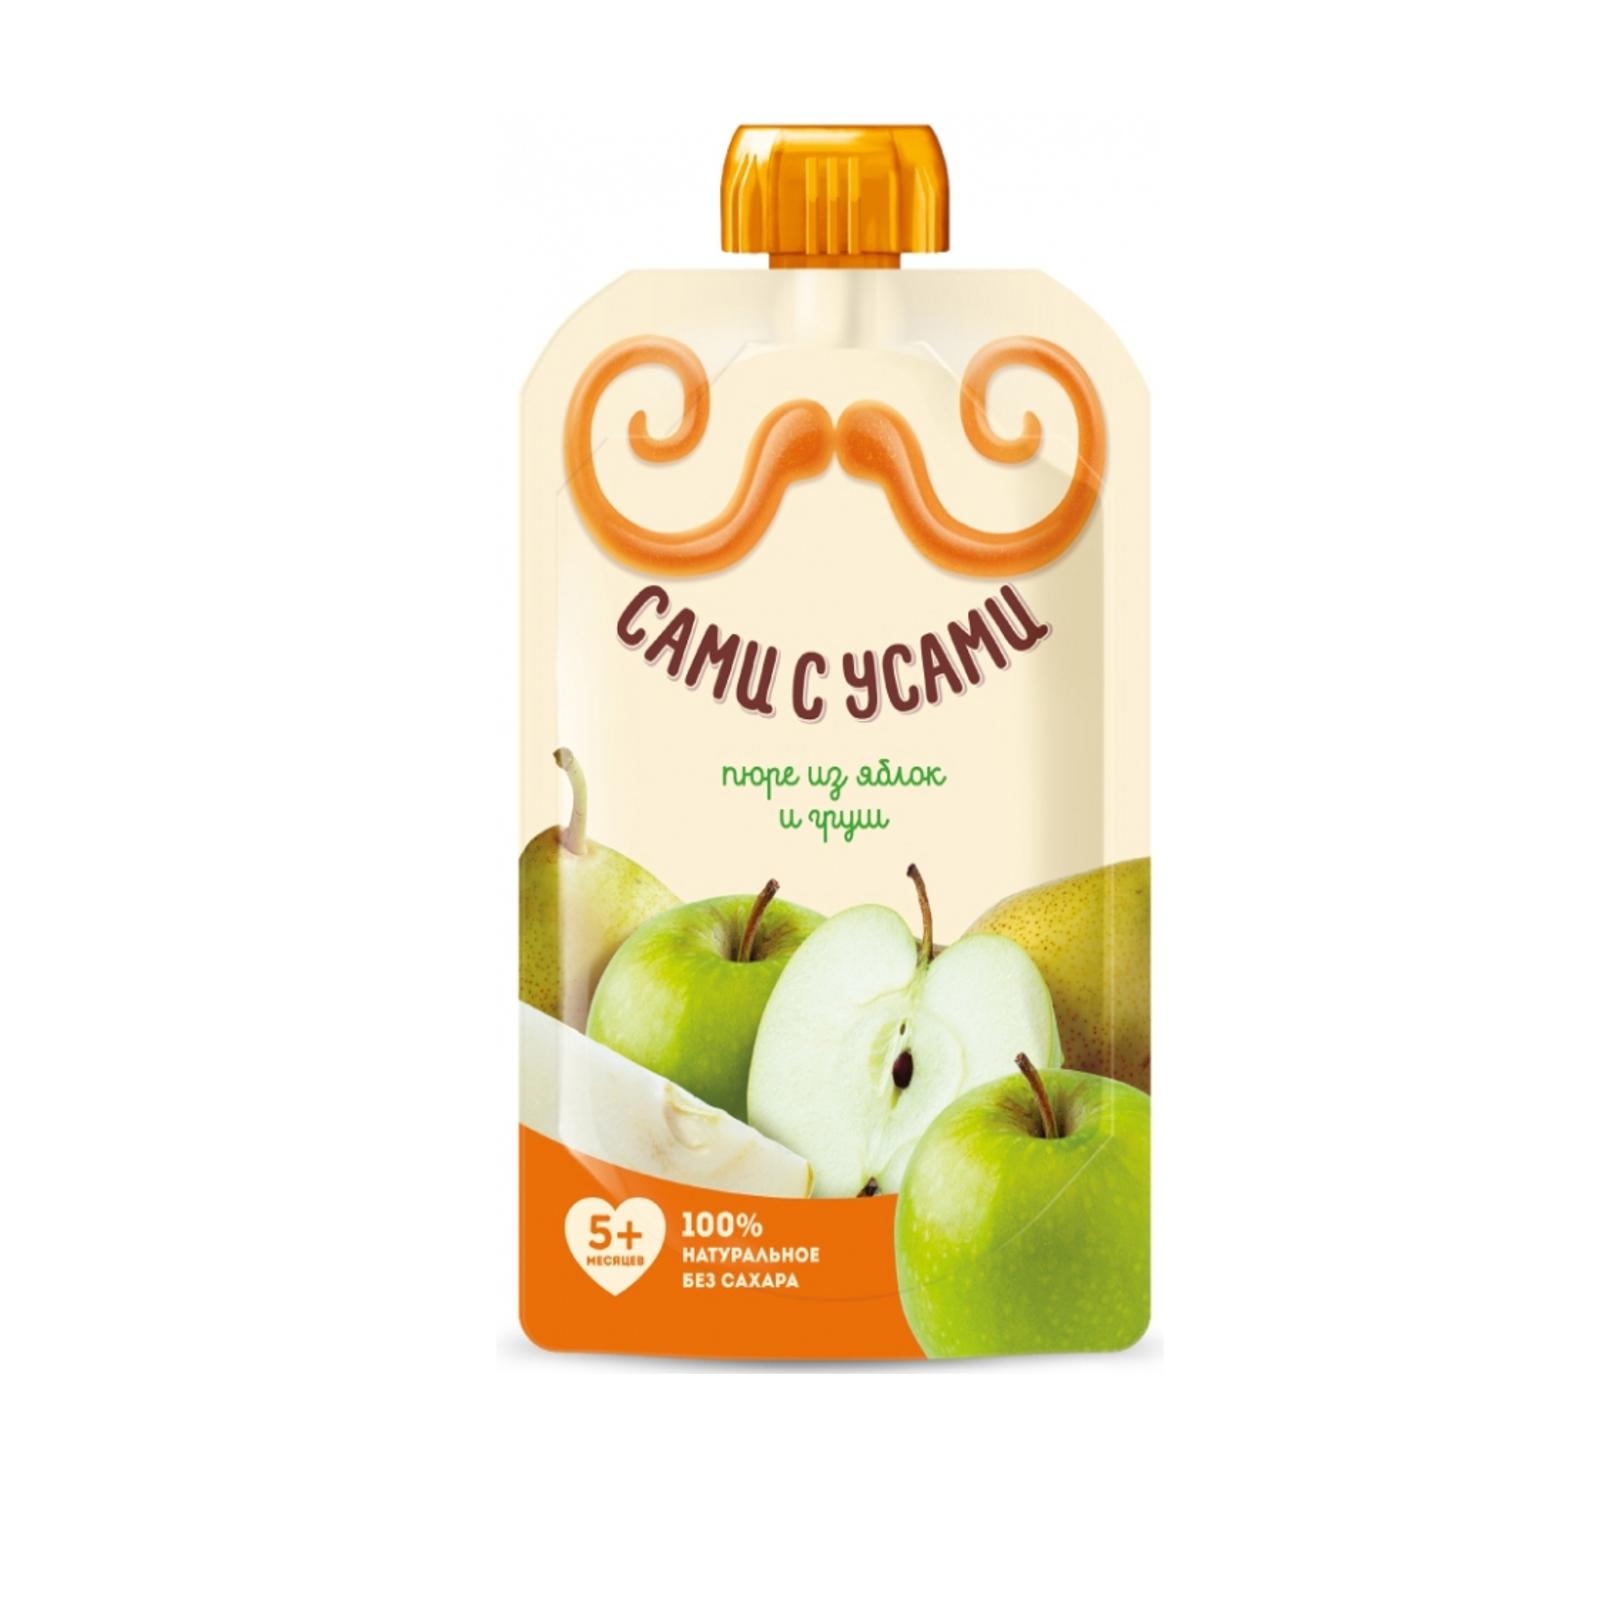 Пюре Сами с усами фруктовое 100 гр Яблоко с грушей (с 5 мес)<br>